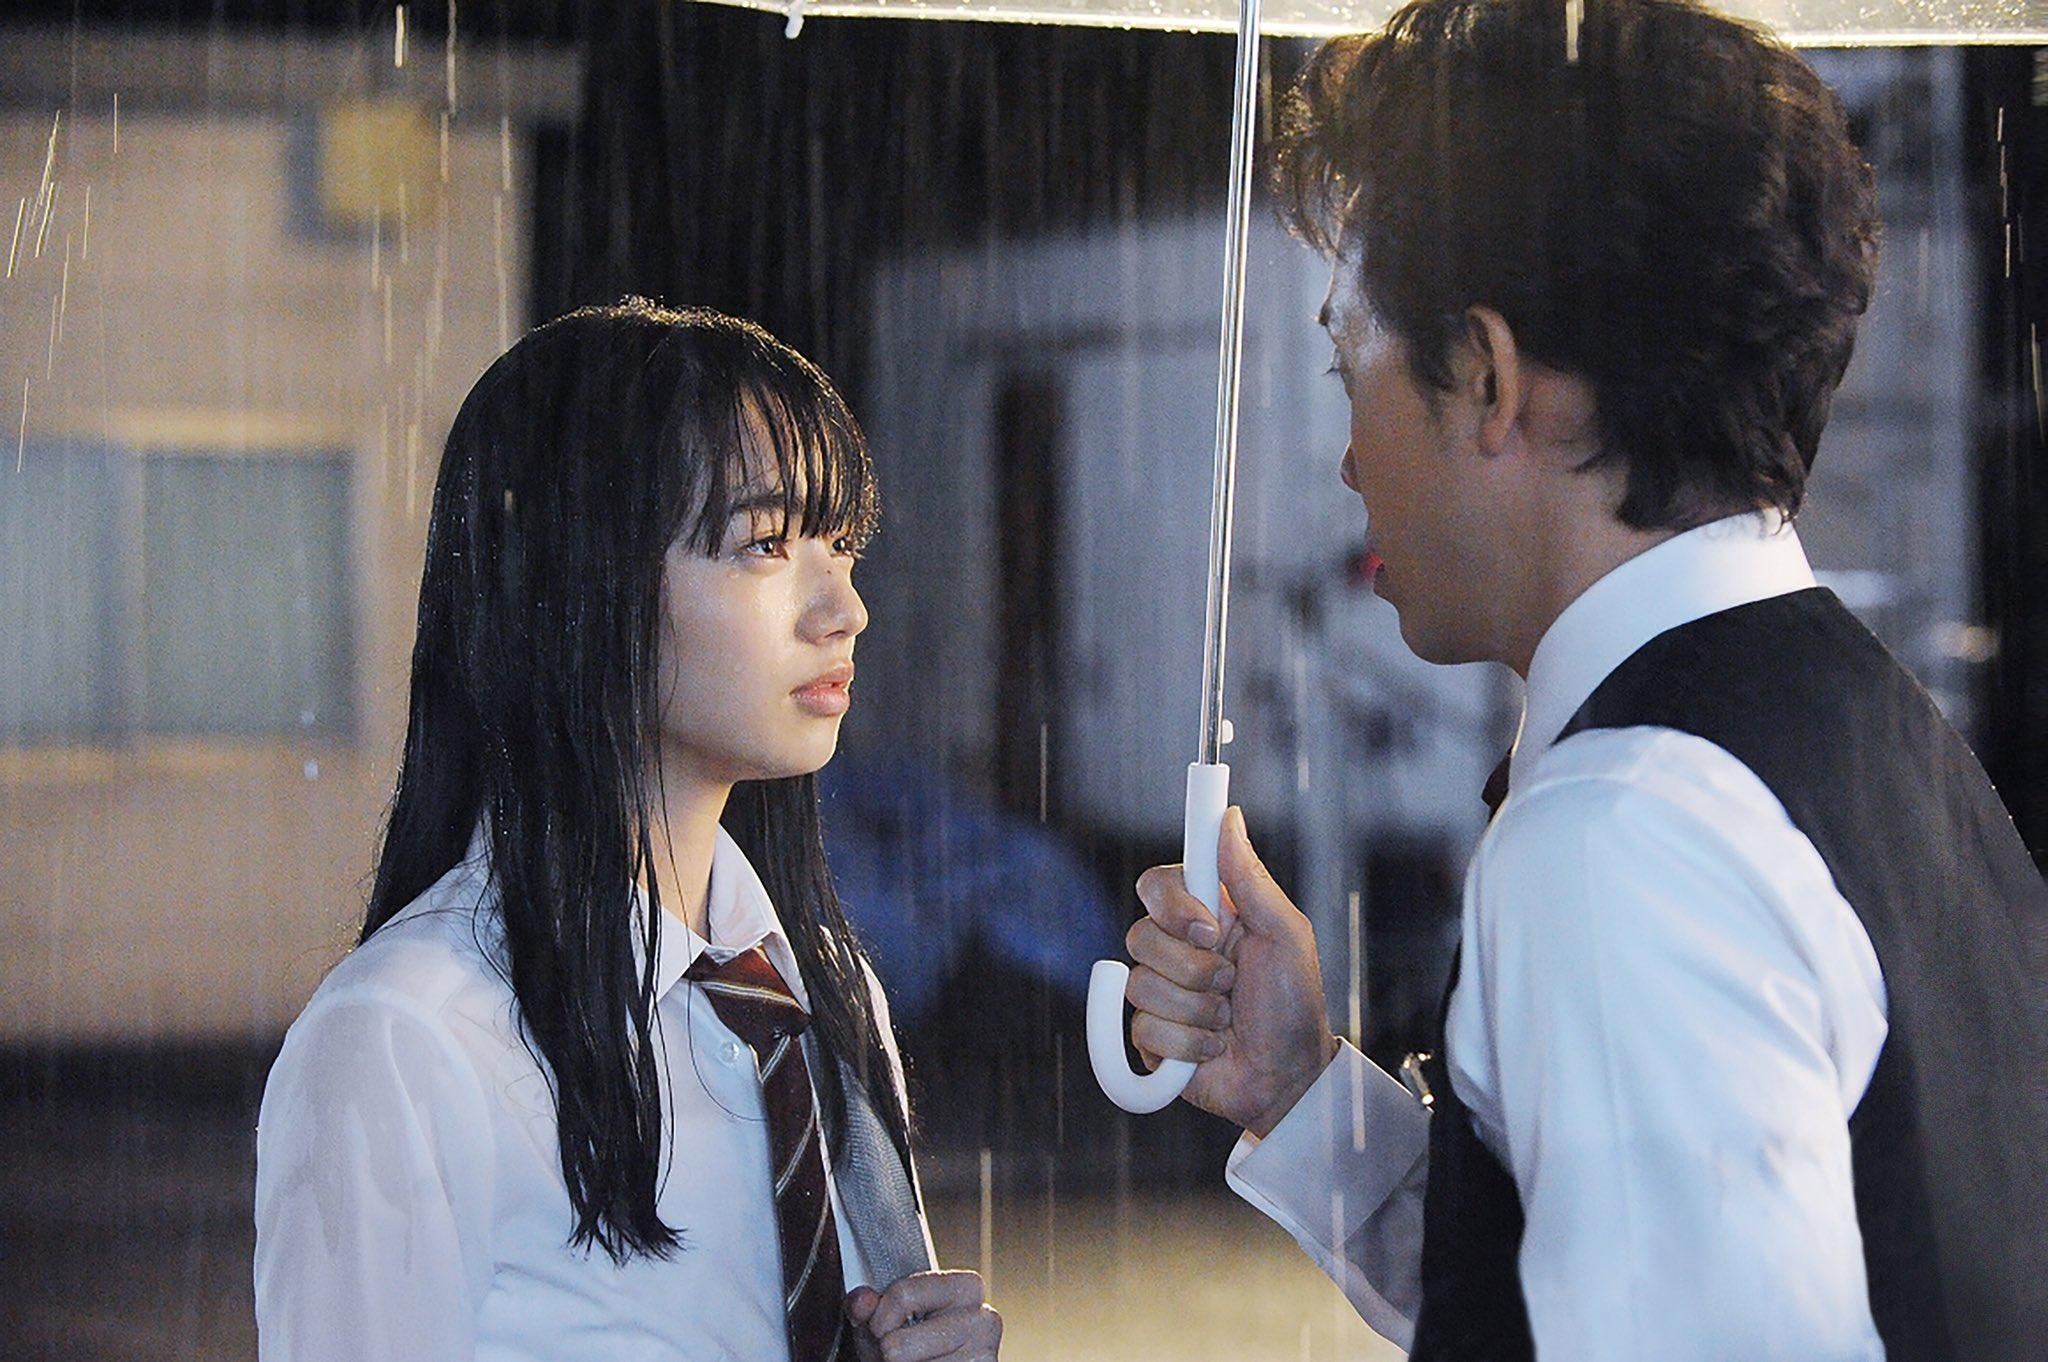 映画恋は雨上がりのように